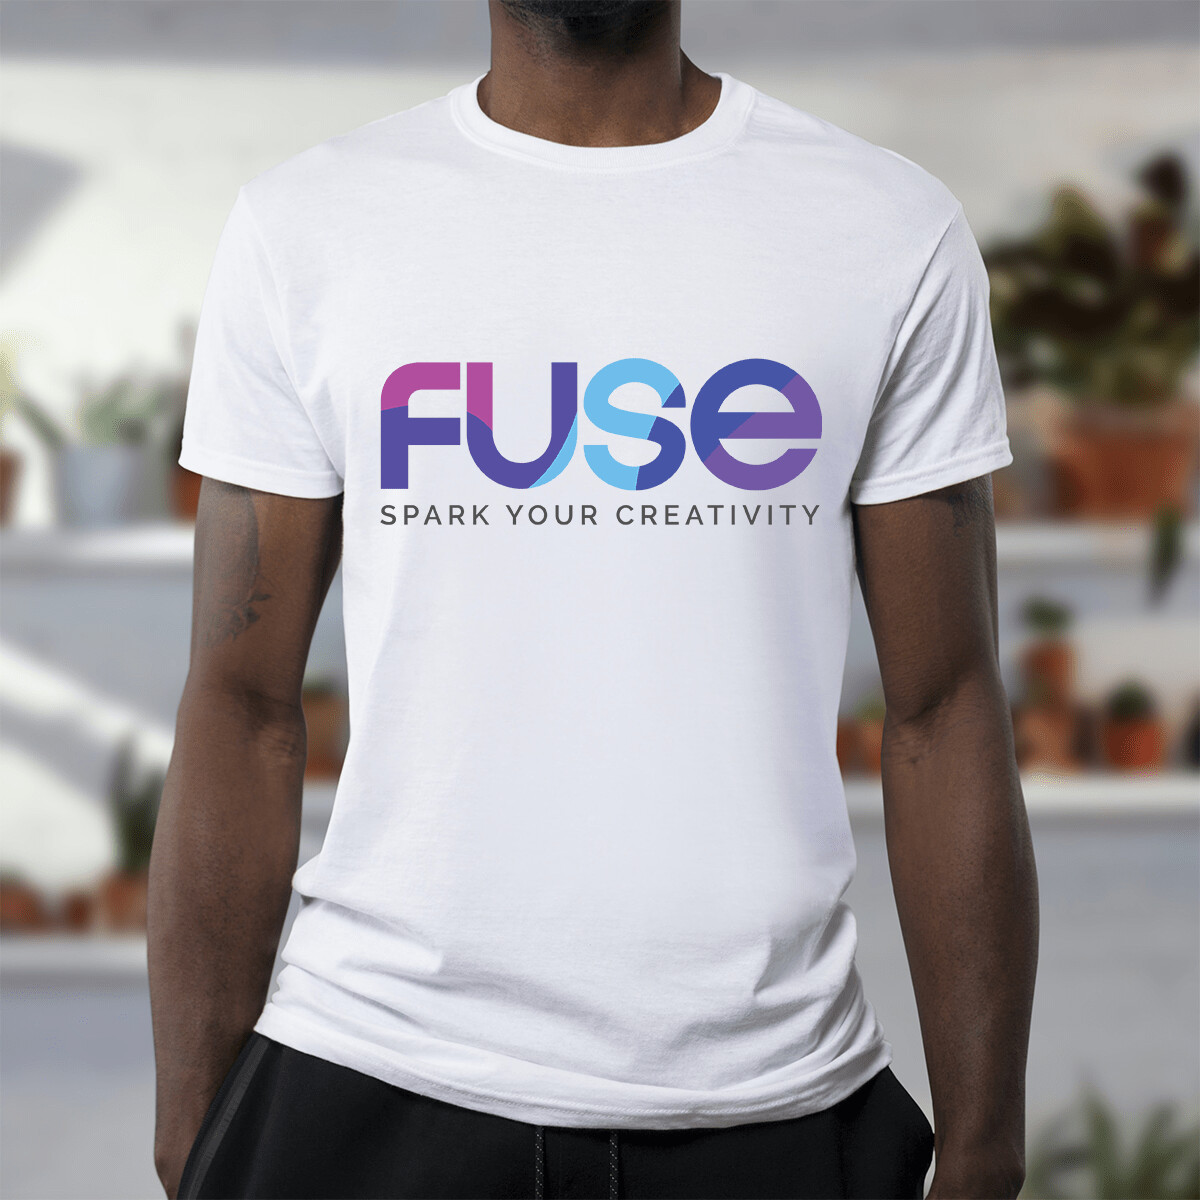 Fuse CREW-neck tee